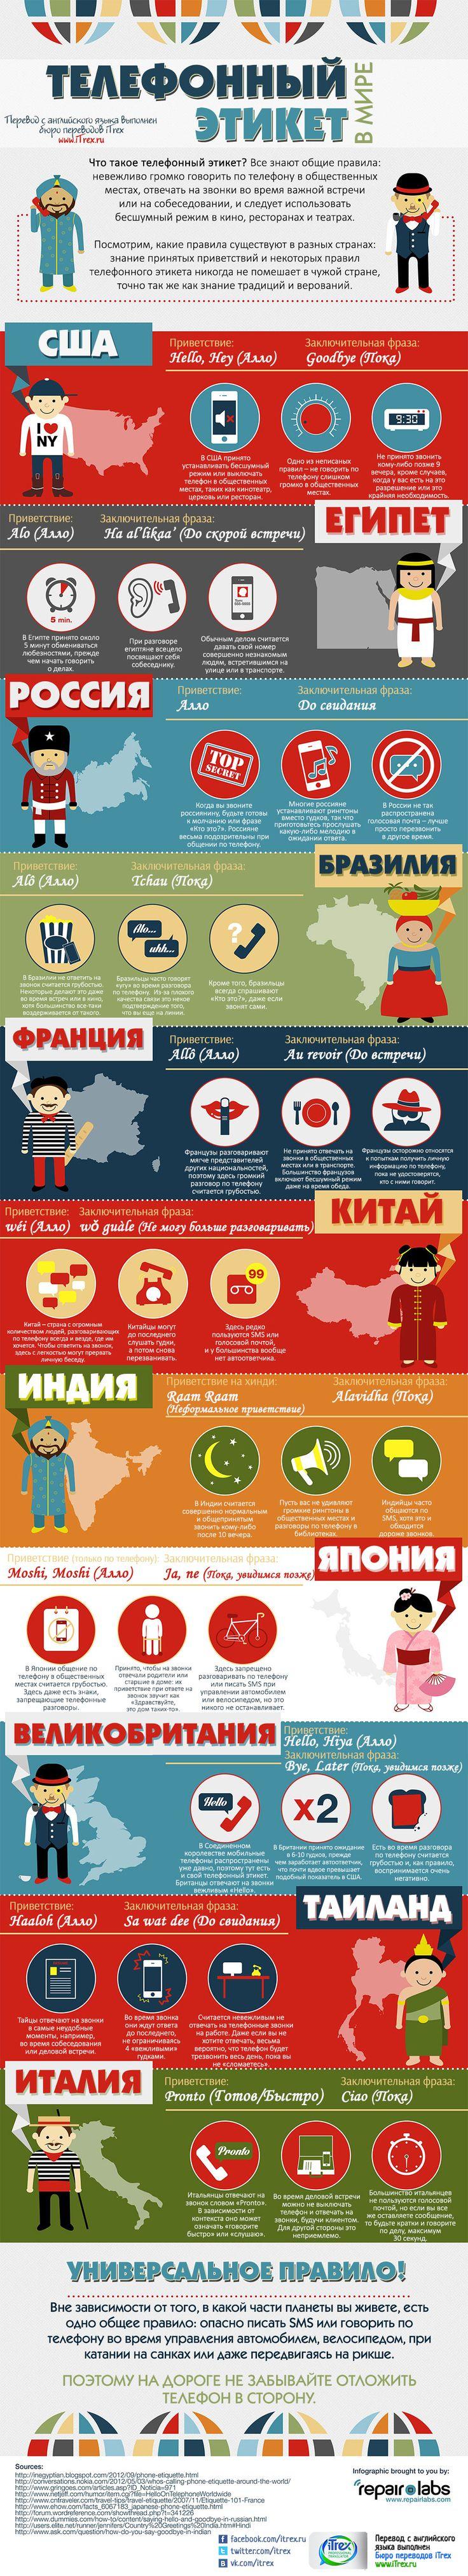 Мы особенно любим переводить американские инфографики. Они так интересно про Россию пишут :) Хороших выходных, друзья! http://itrex.ru/news/telefonny-etiket